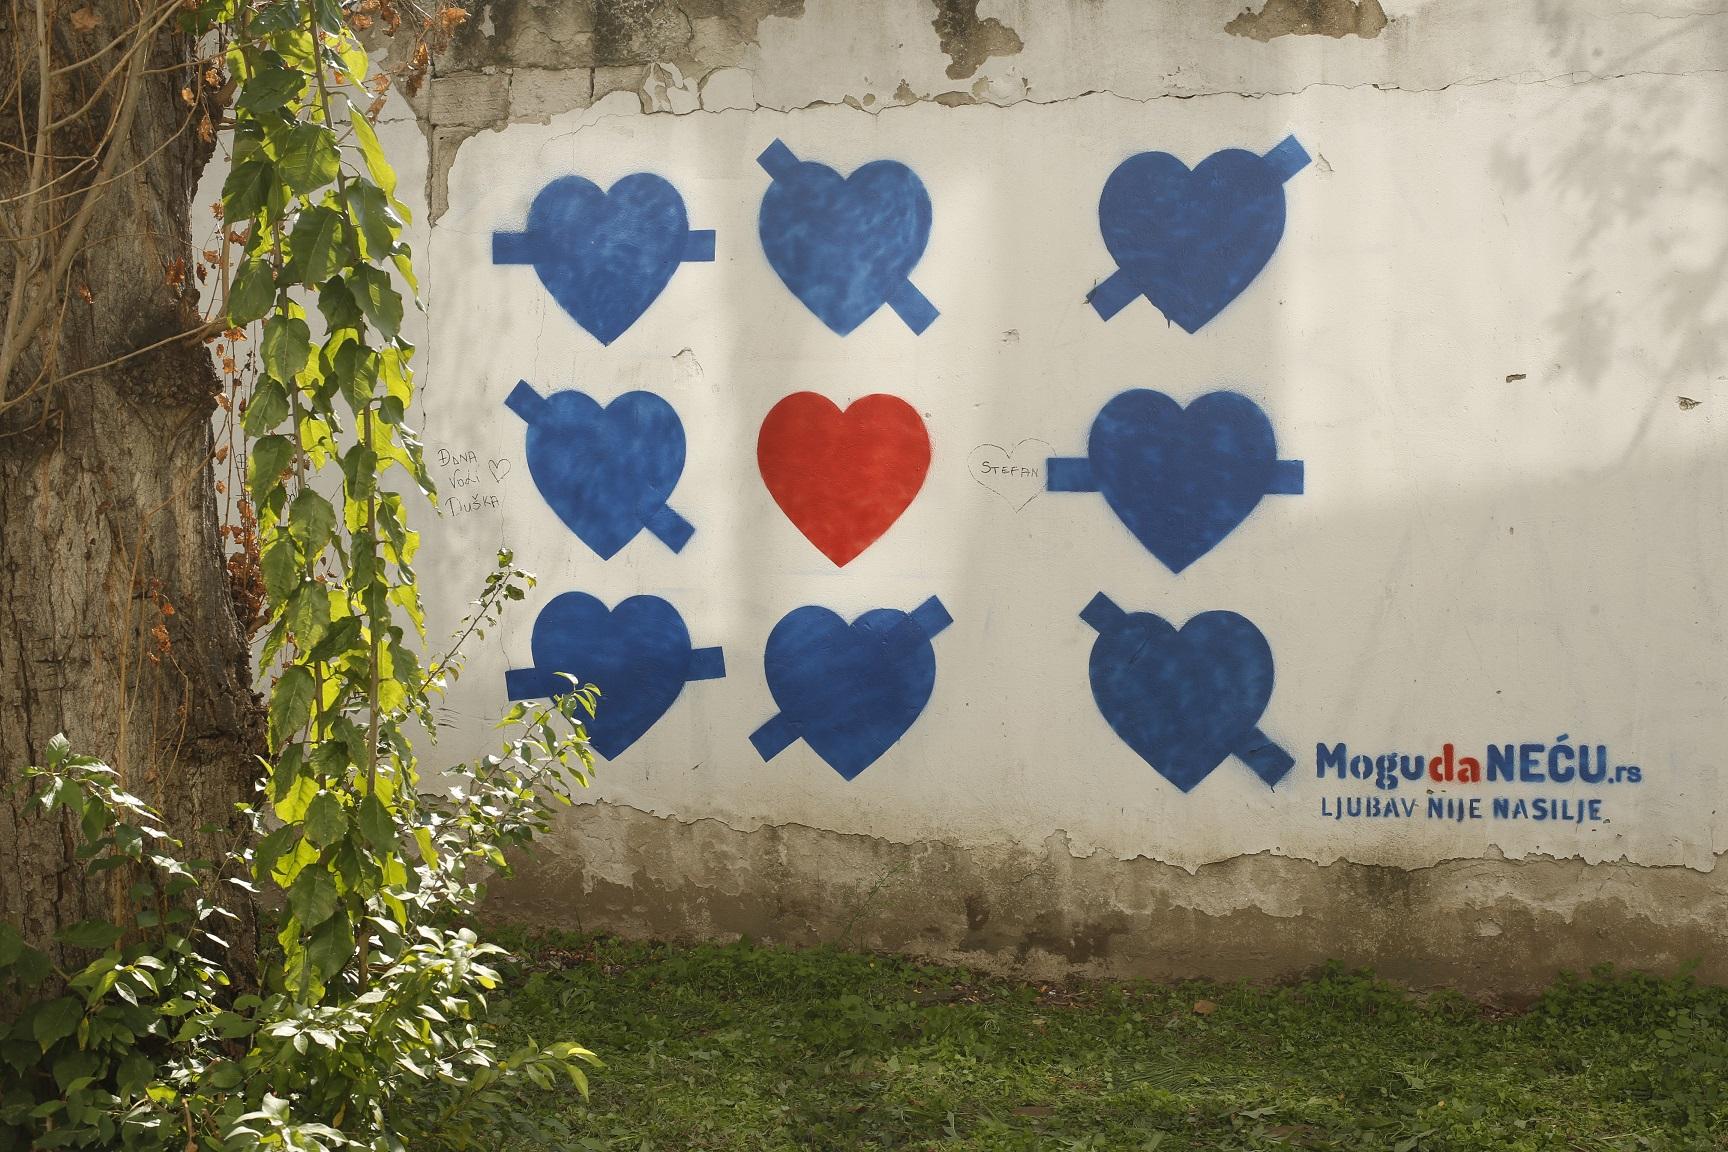 Mogu da neću grafiti u školama širom Srbije